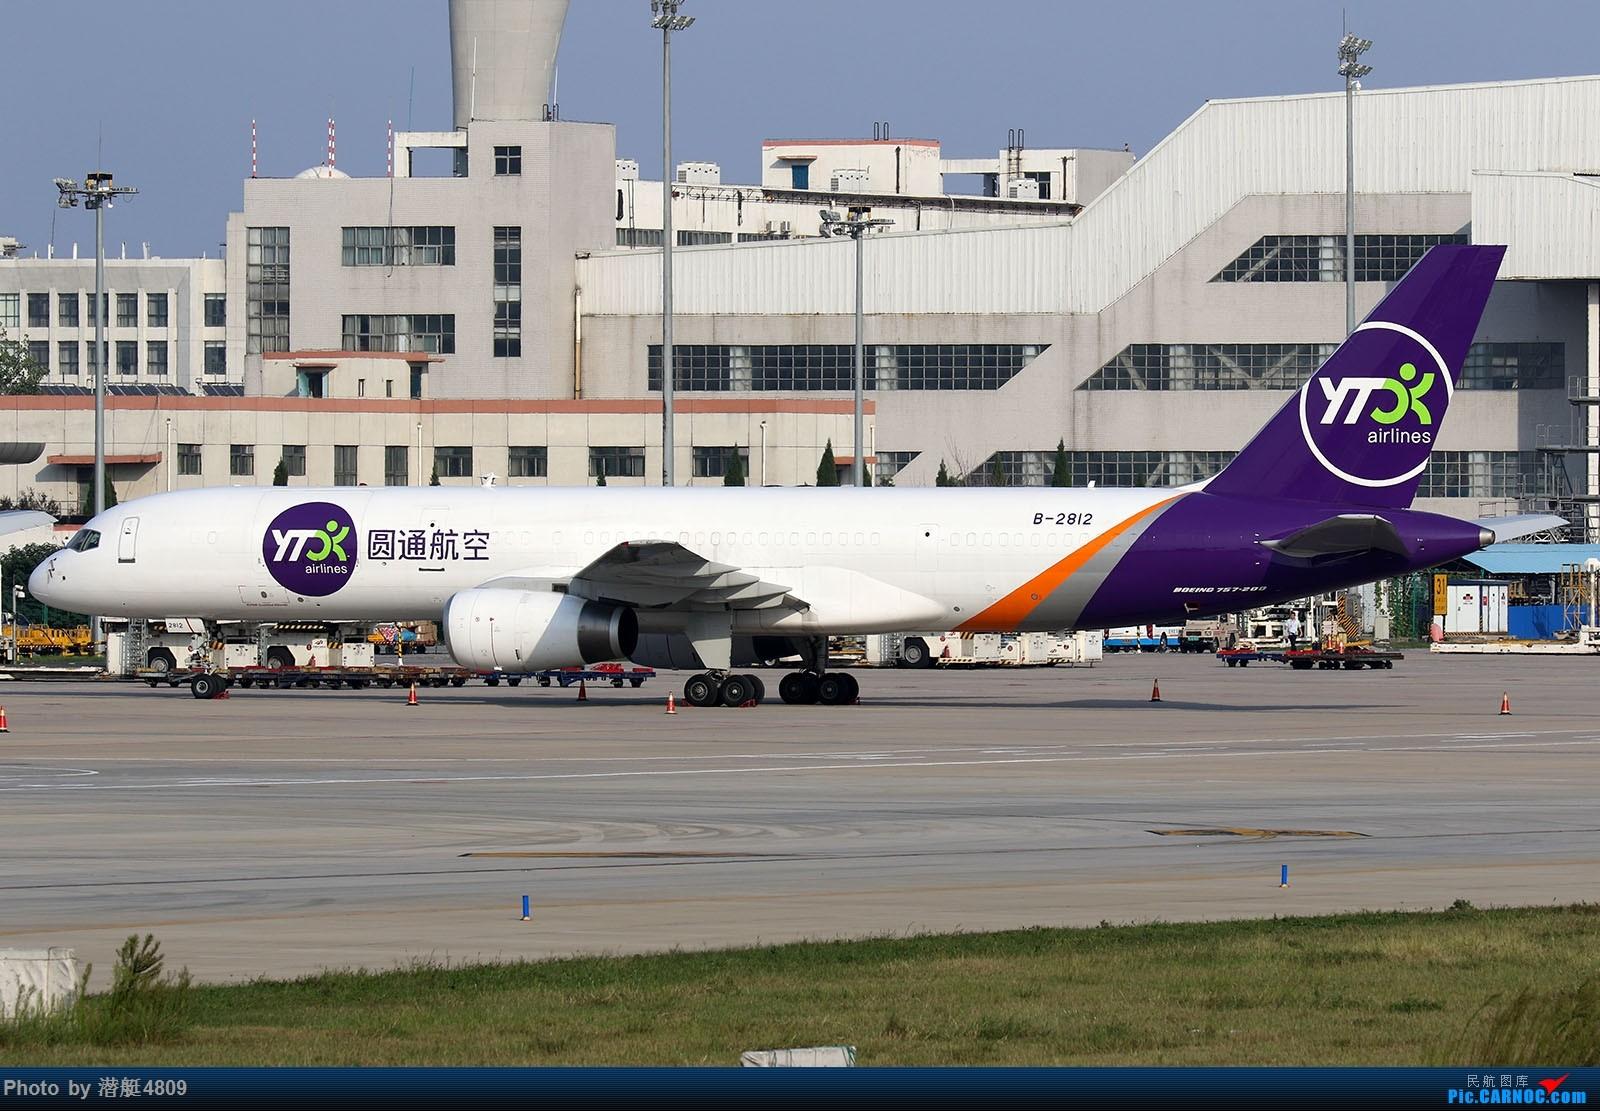 Re:[原创]【郑州飞友会】郑克雷奇货机集锦 BOEING 757-200 B-2812 中国郑州新郑国际机场